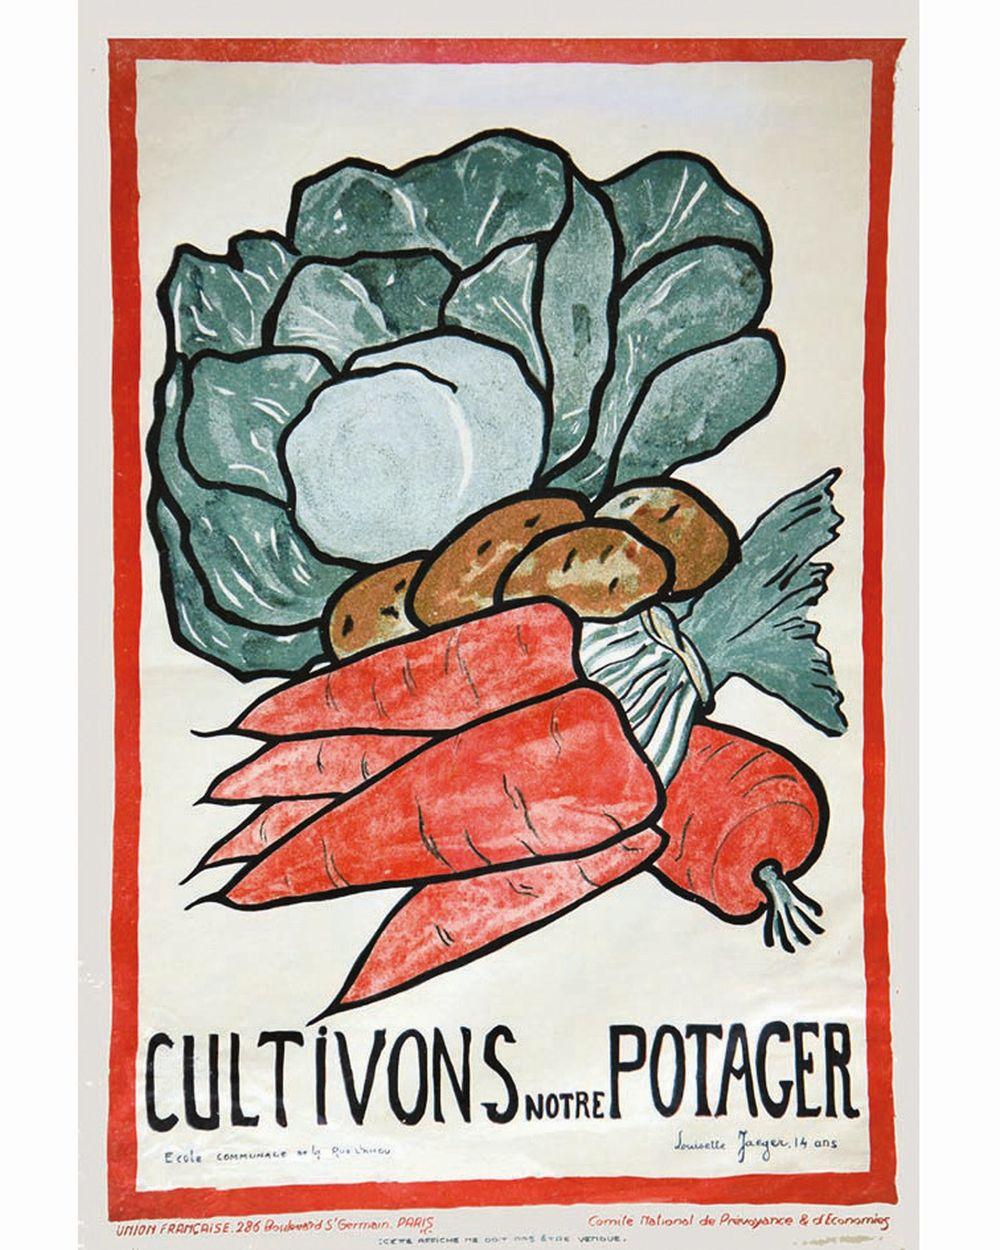 JAEGER LOUISETTE 14 ans - Cultivons notre potager Ecole communale. Ville de Paris17     1917